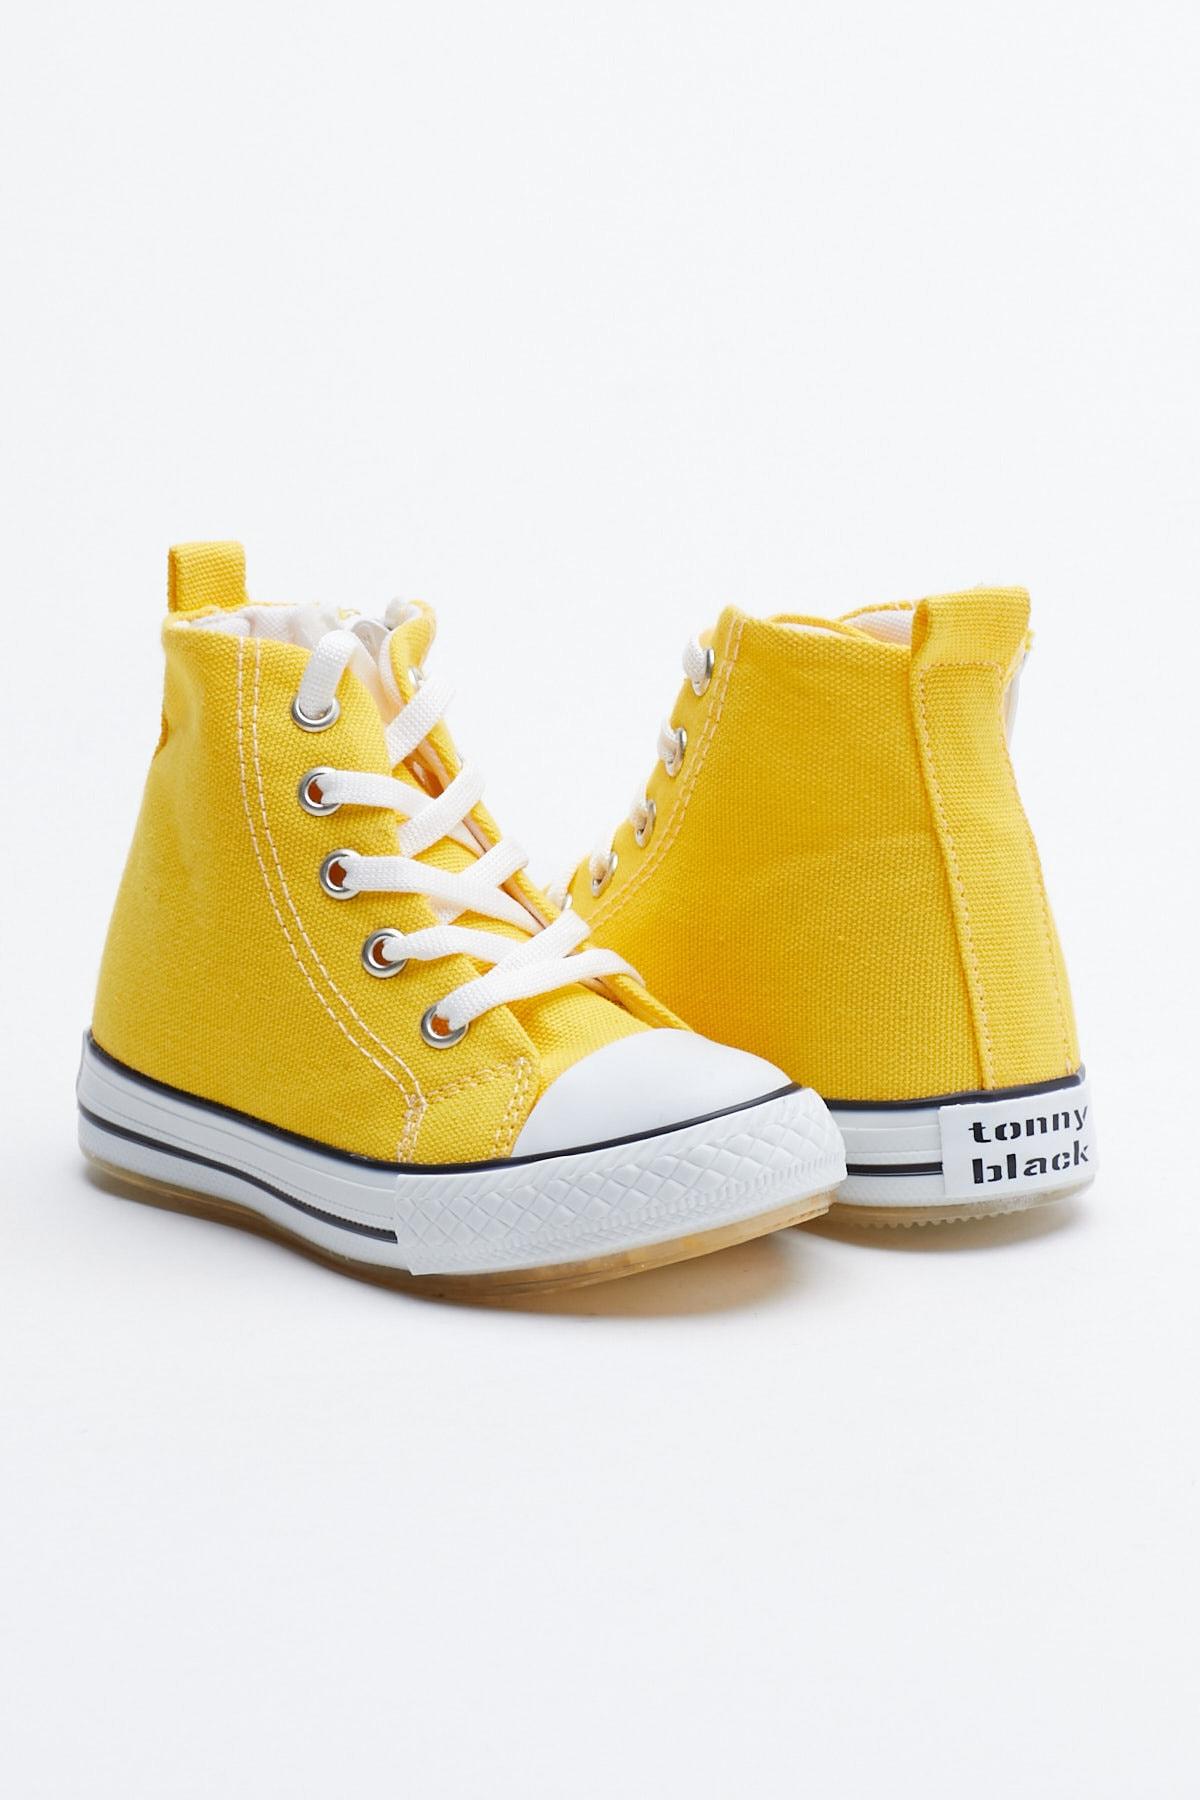 Tonny Black Sarı Çocuk Spor Ayakkabı Uzun Tb999 1